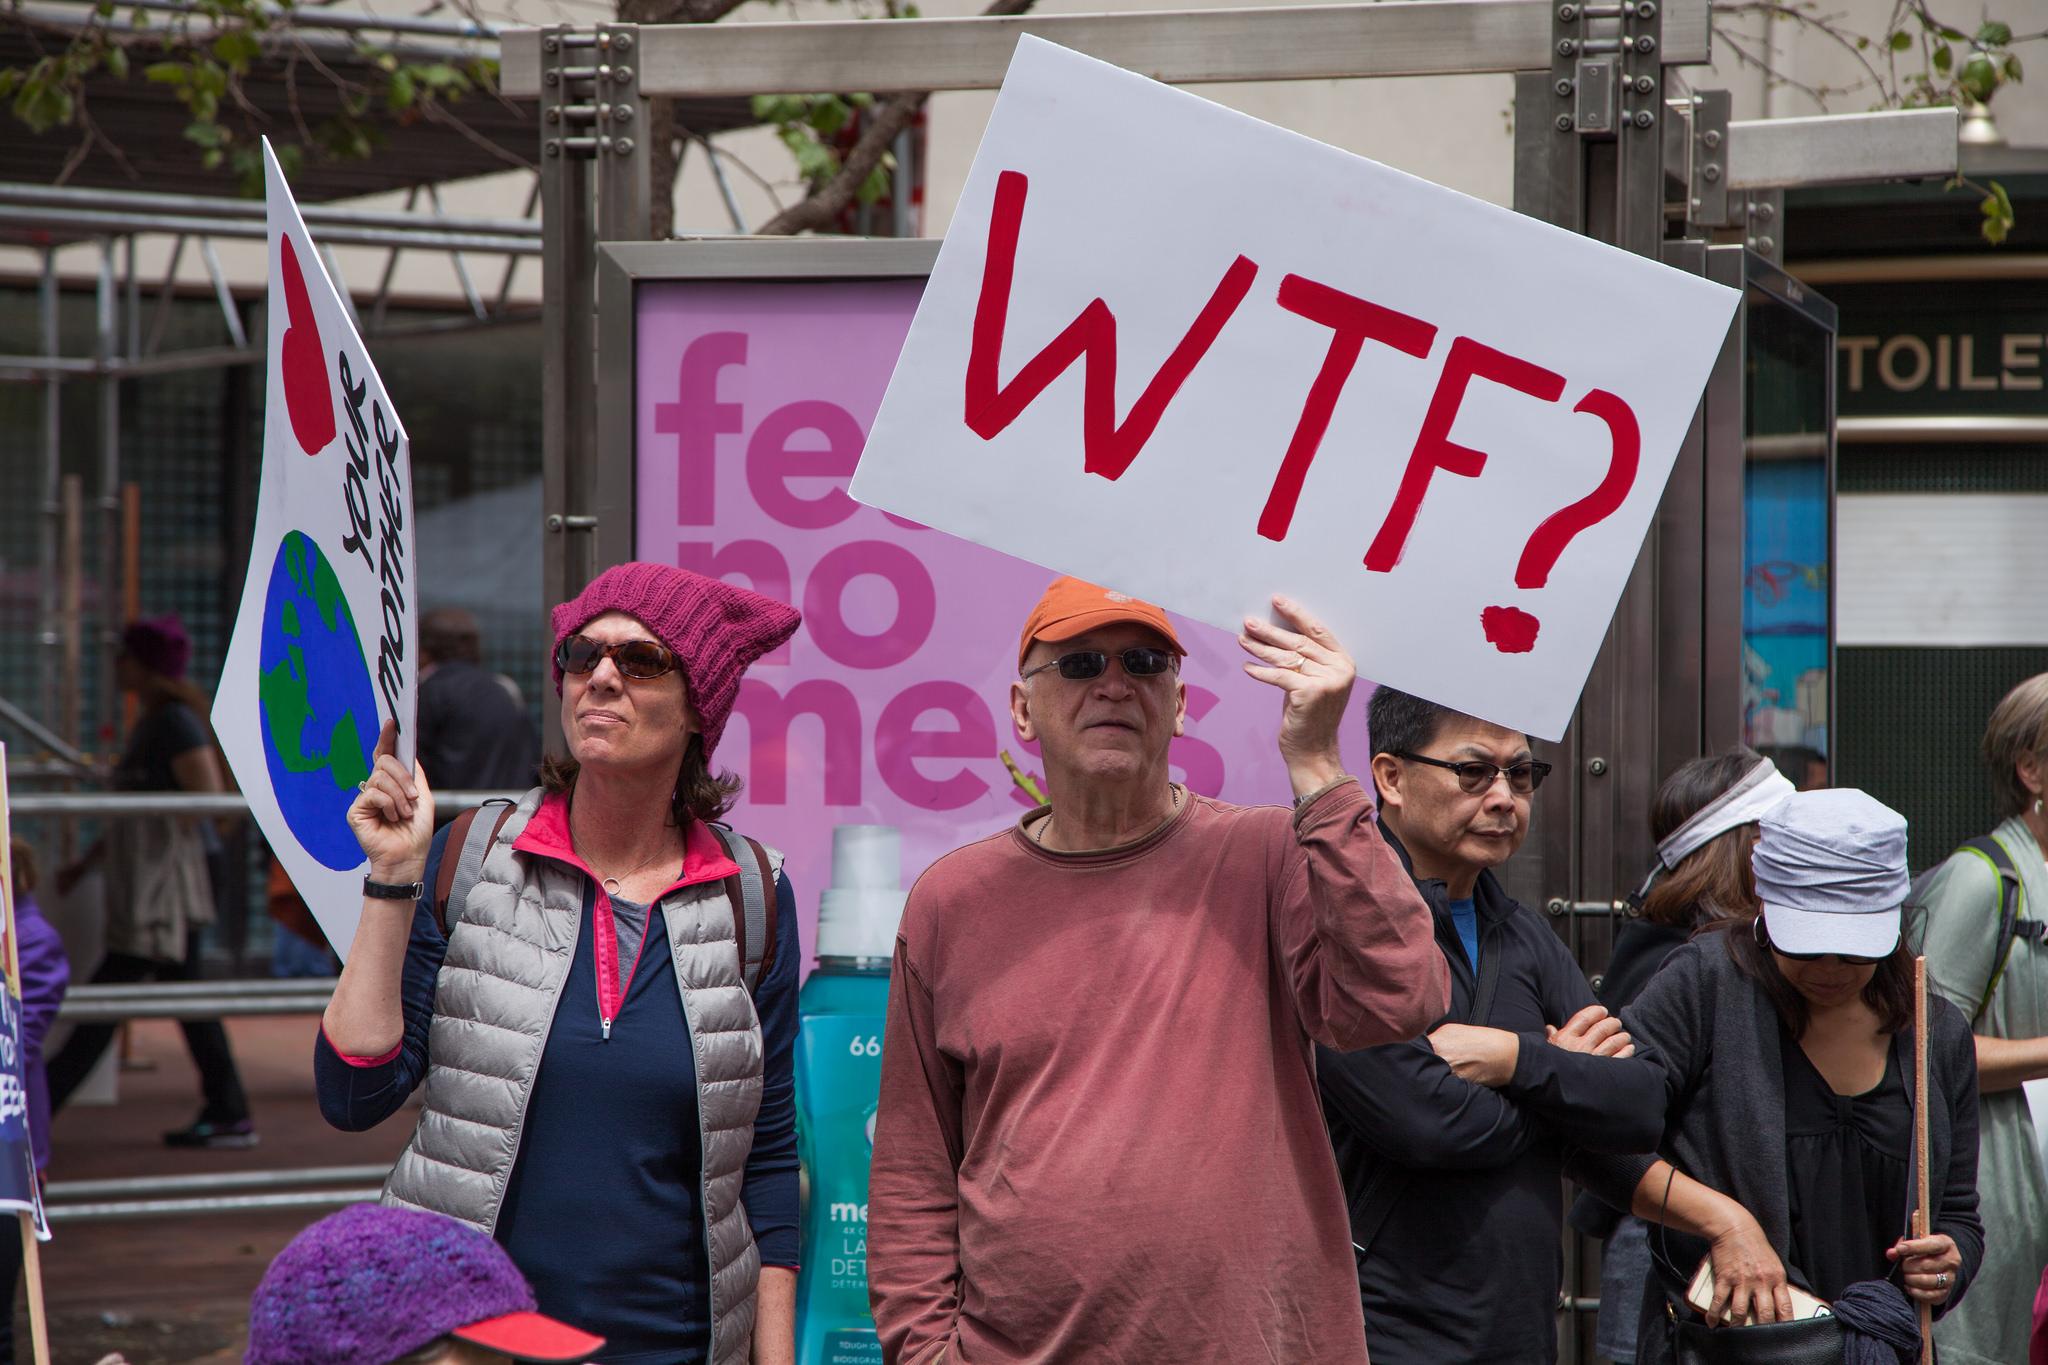 Foto scattata durante la March for               Science a San Francisco, California, il 22 aprile               2017. Credit: Matthew Roth / Flickr. Licenza: CC BY-NC 2.0.